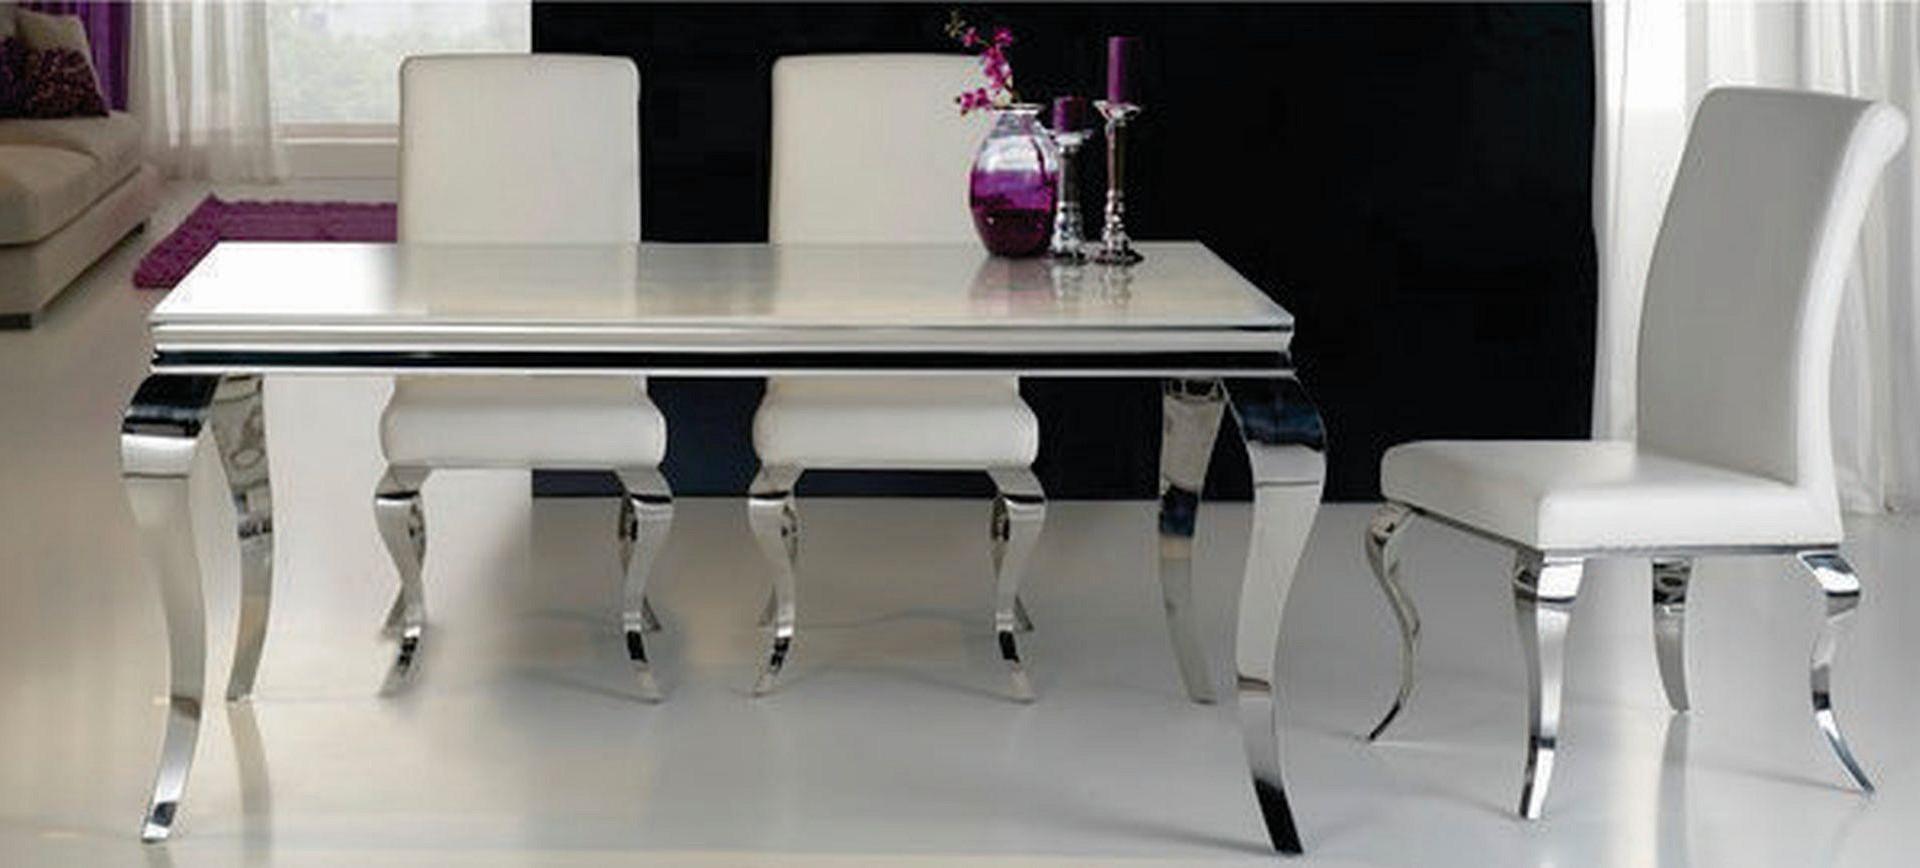 Inicio ebony muebles mayorista y fabricante de muebles for Mayorista de muebles